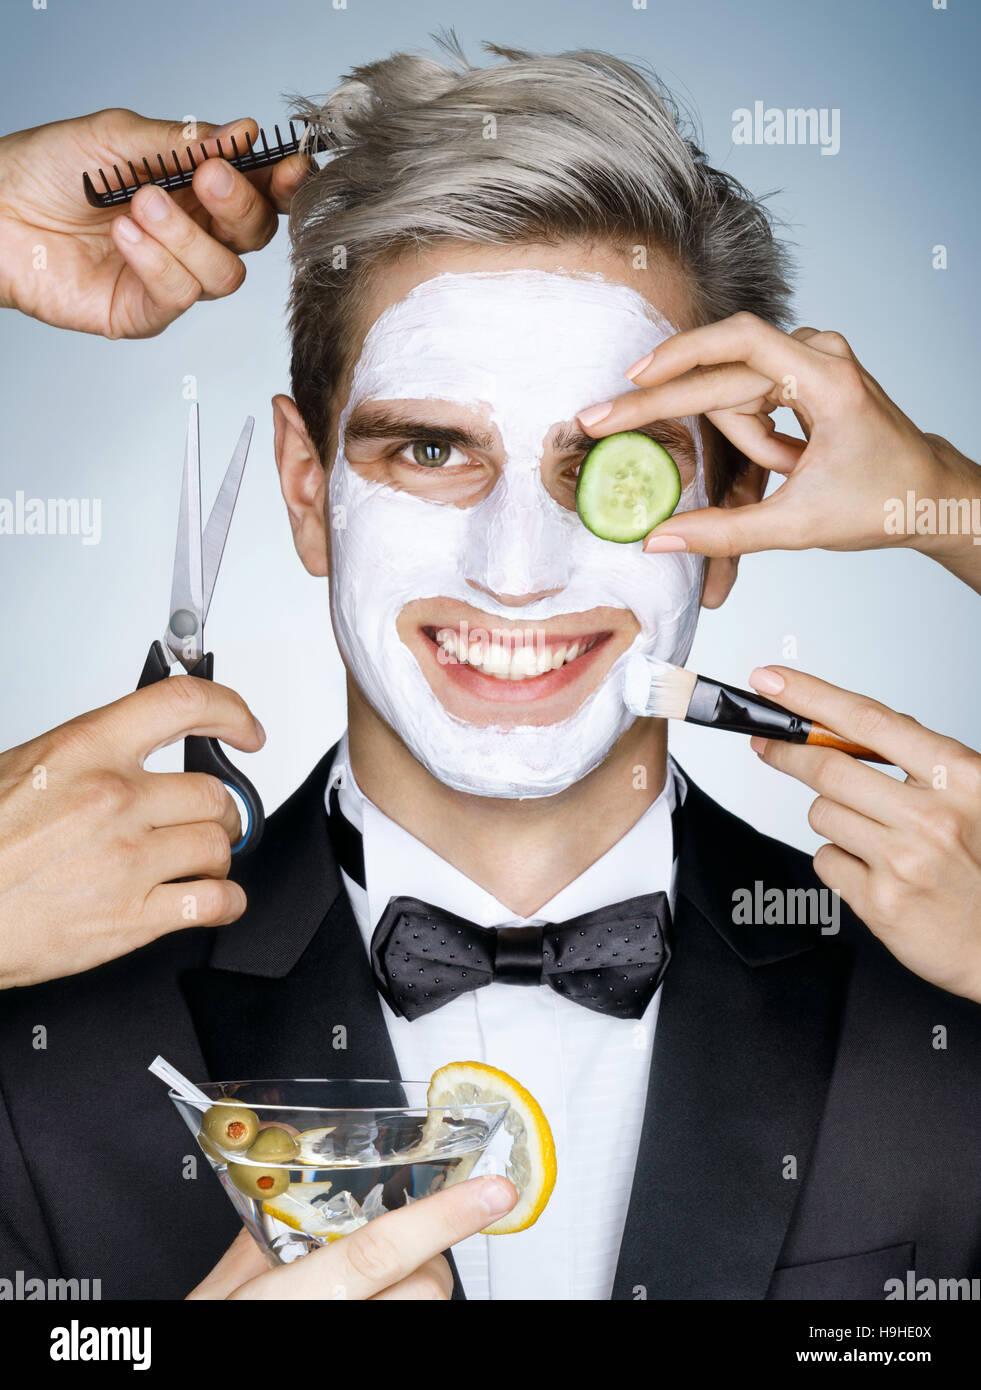 Felice l'uomo elegante con idratante maschera facciale circondato dal servizio plurifunzionale (parrucchiere, Immagini Stock